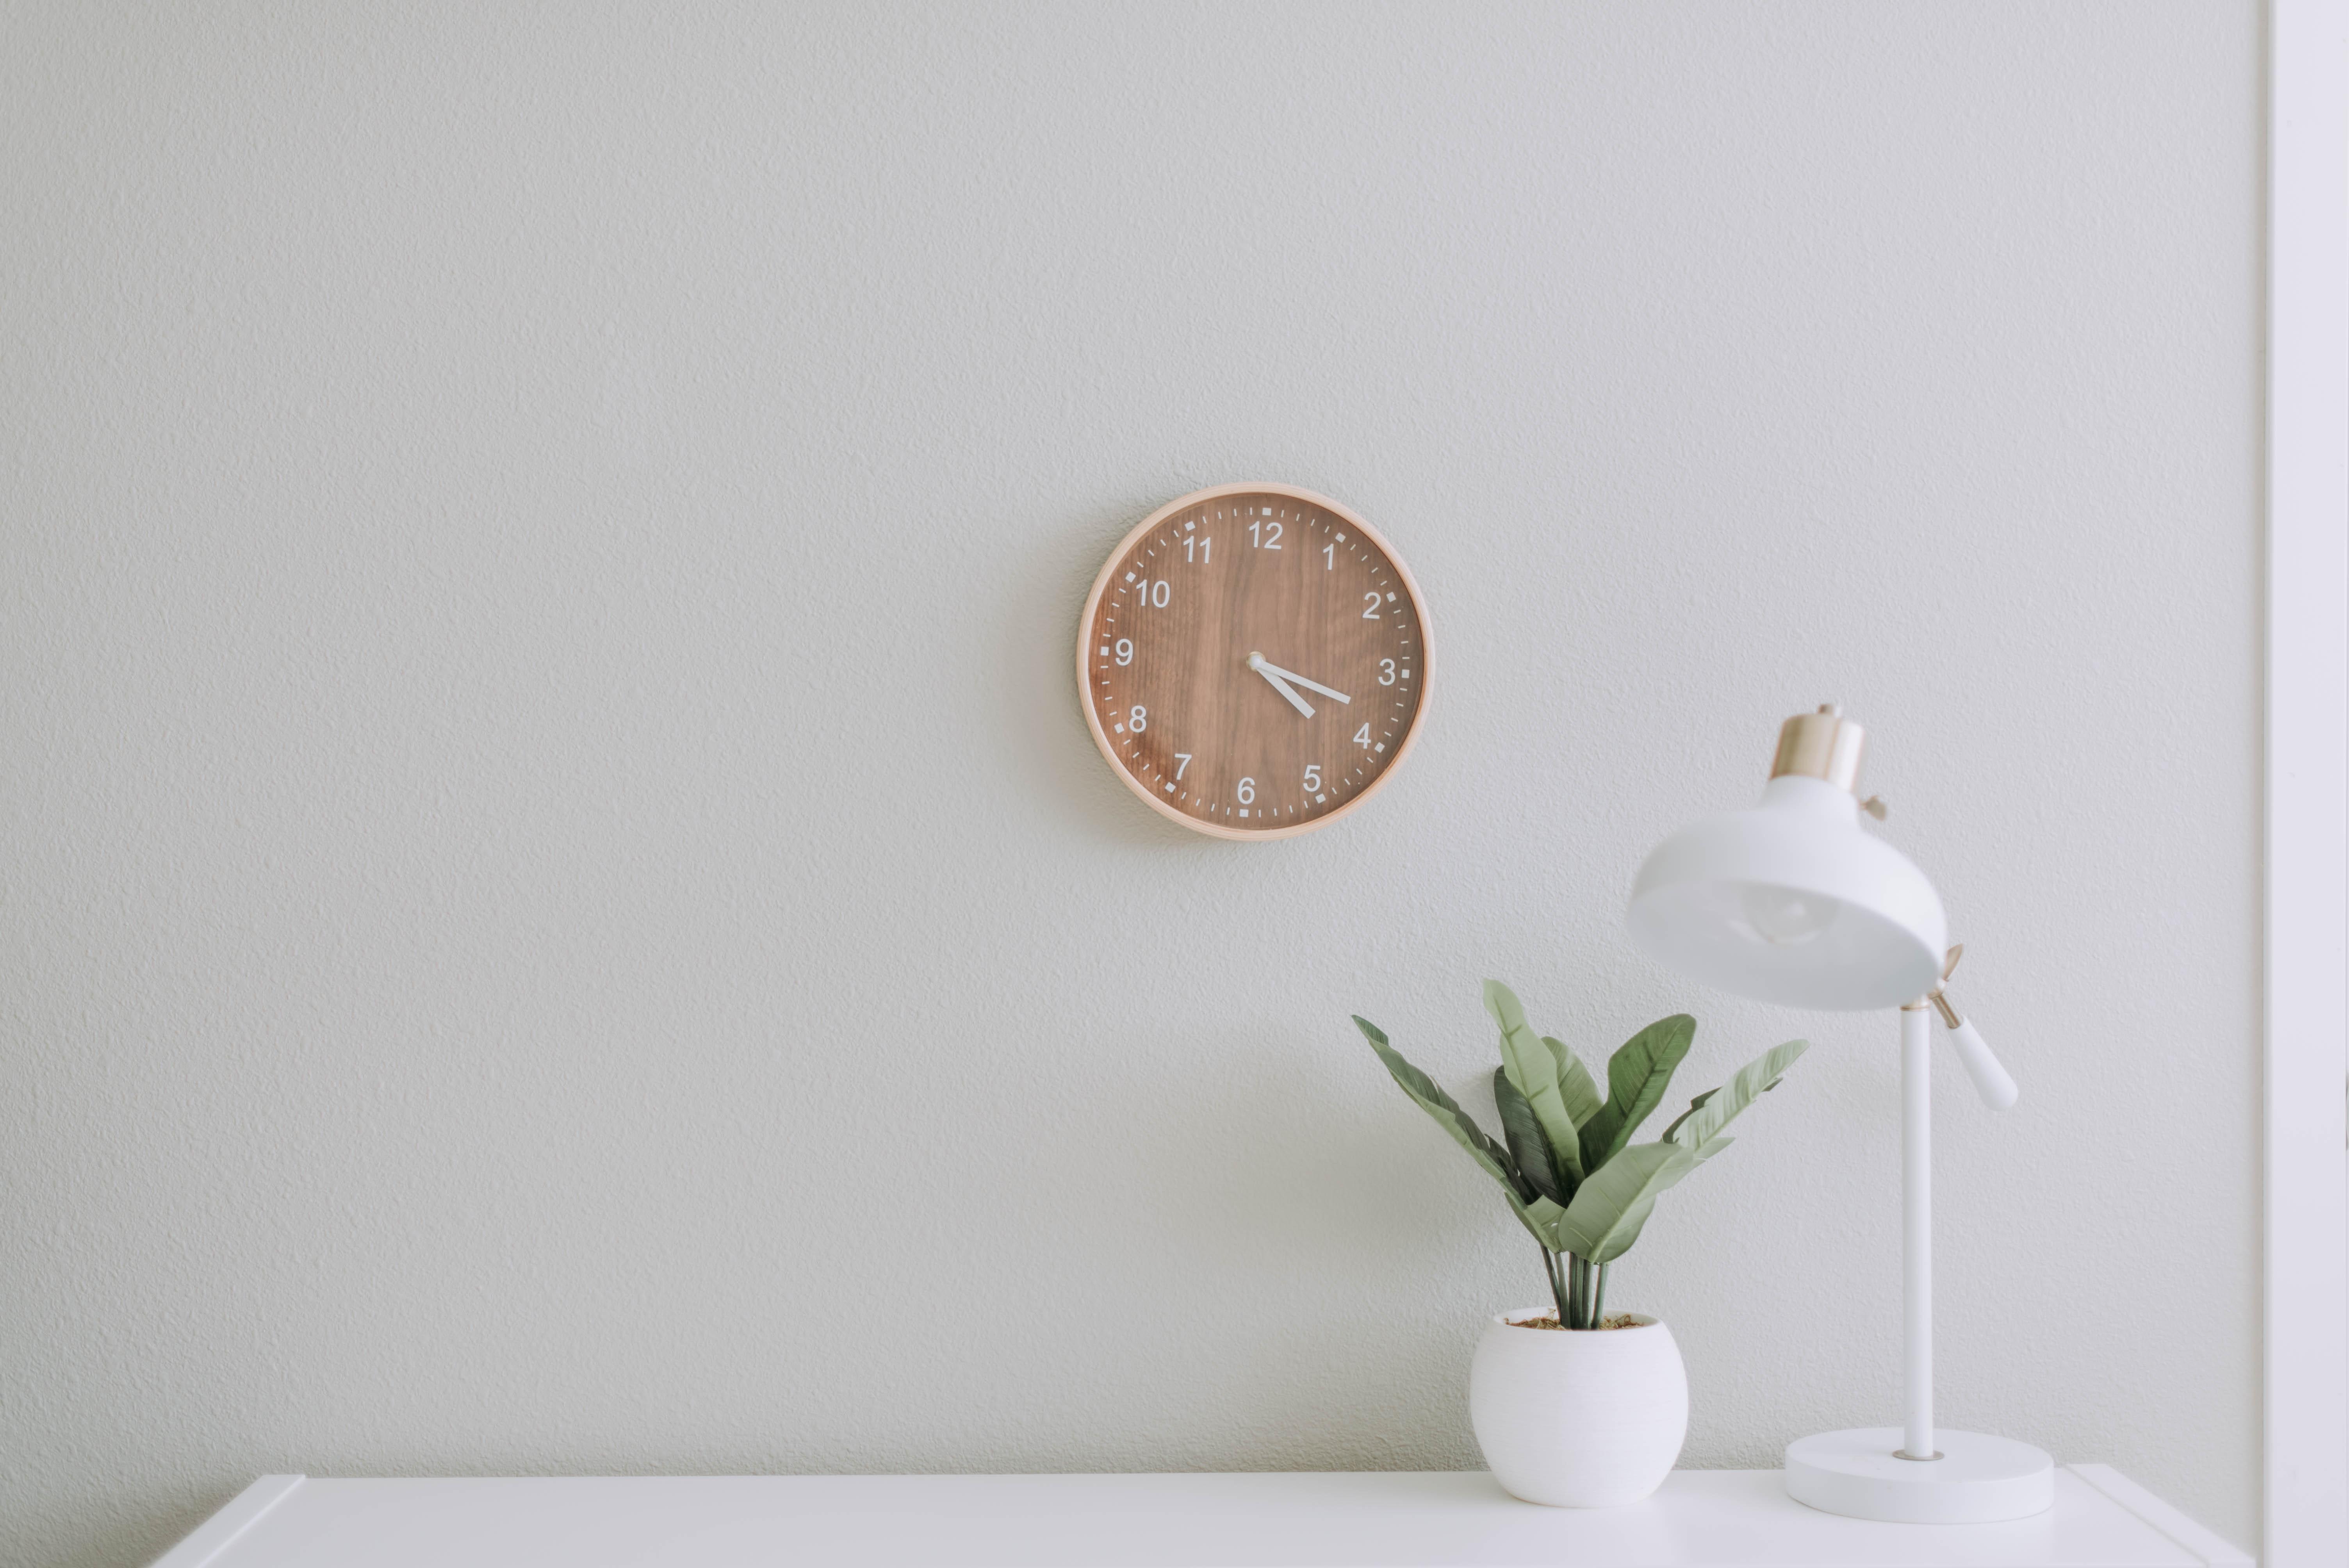 十分なスペースをとって綺麗に配置された時計と照明と観葉植物